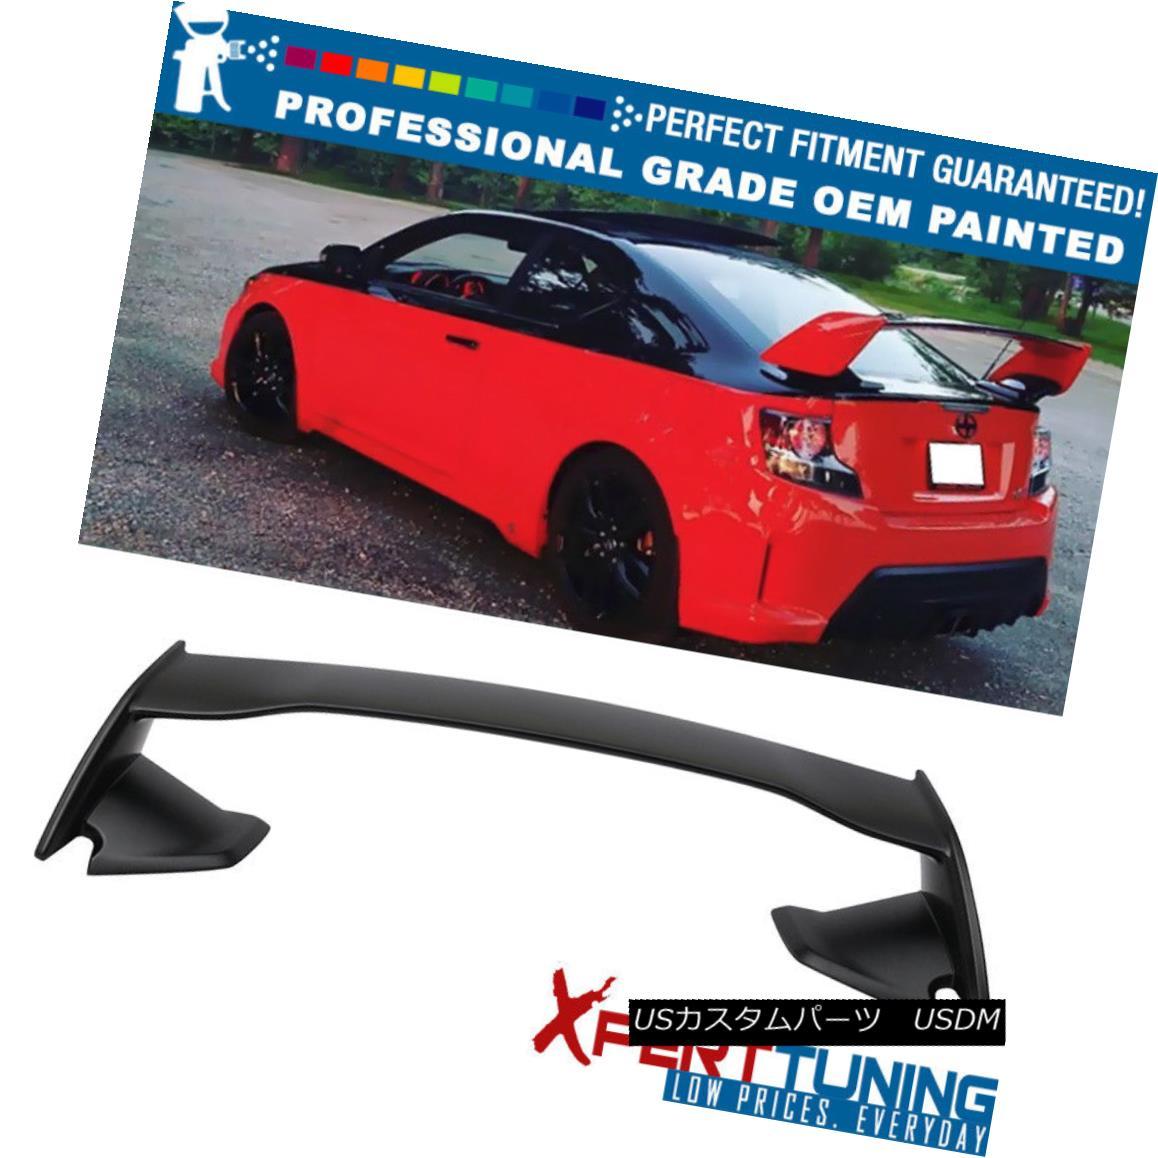 エアロパーツ Fits 11-16 Scion tC Coupe 2Dr IK Style ABS Trunk Spoiler - OEM Painted Color フィット11-16シオンtCクーペ2Dr IKスタイルABSトランクスポイラー - OEM塗装色